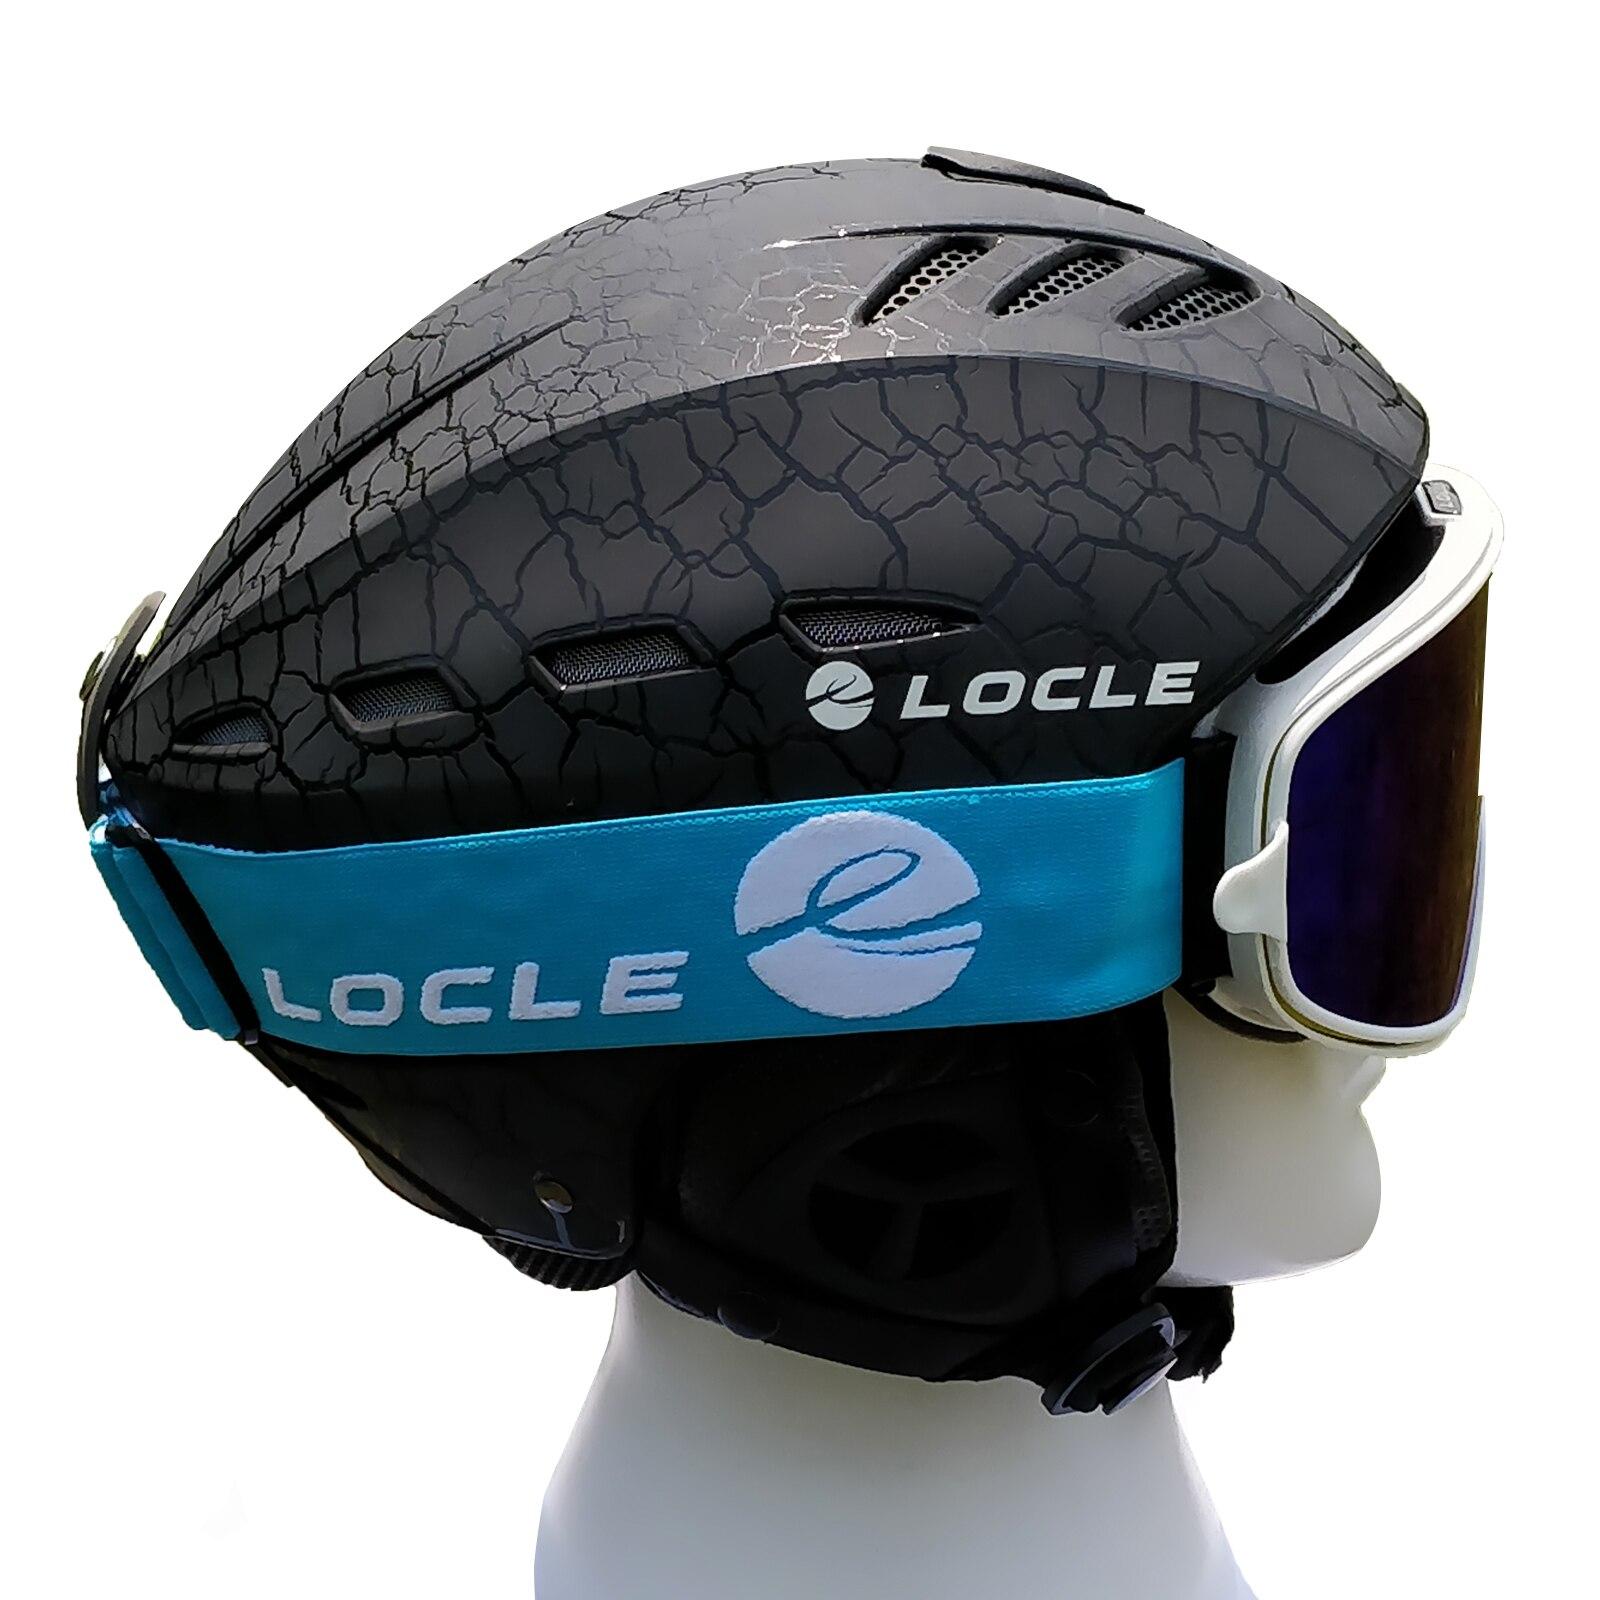 LOCLE Men or Women Ski Helmet Ultralight Skiing Helmet CE Certification ABS+EPS Snow Skateboard Ski Snowboard Helmet 55-61cm